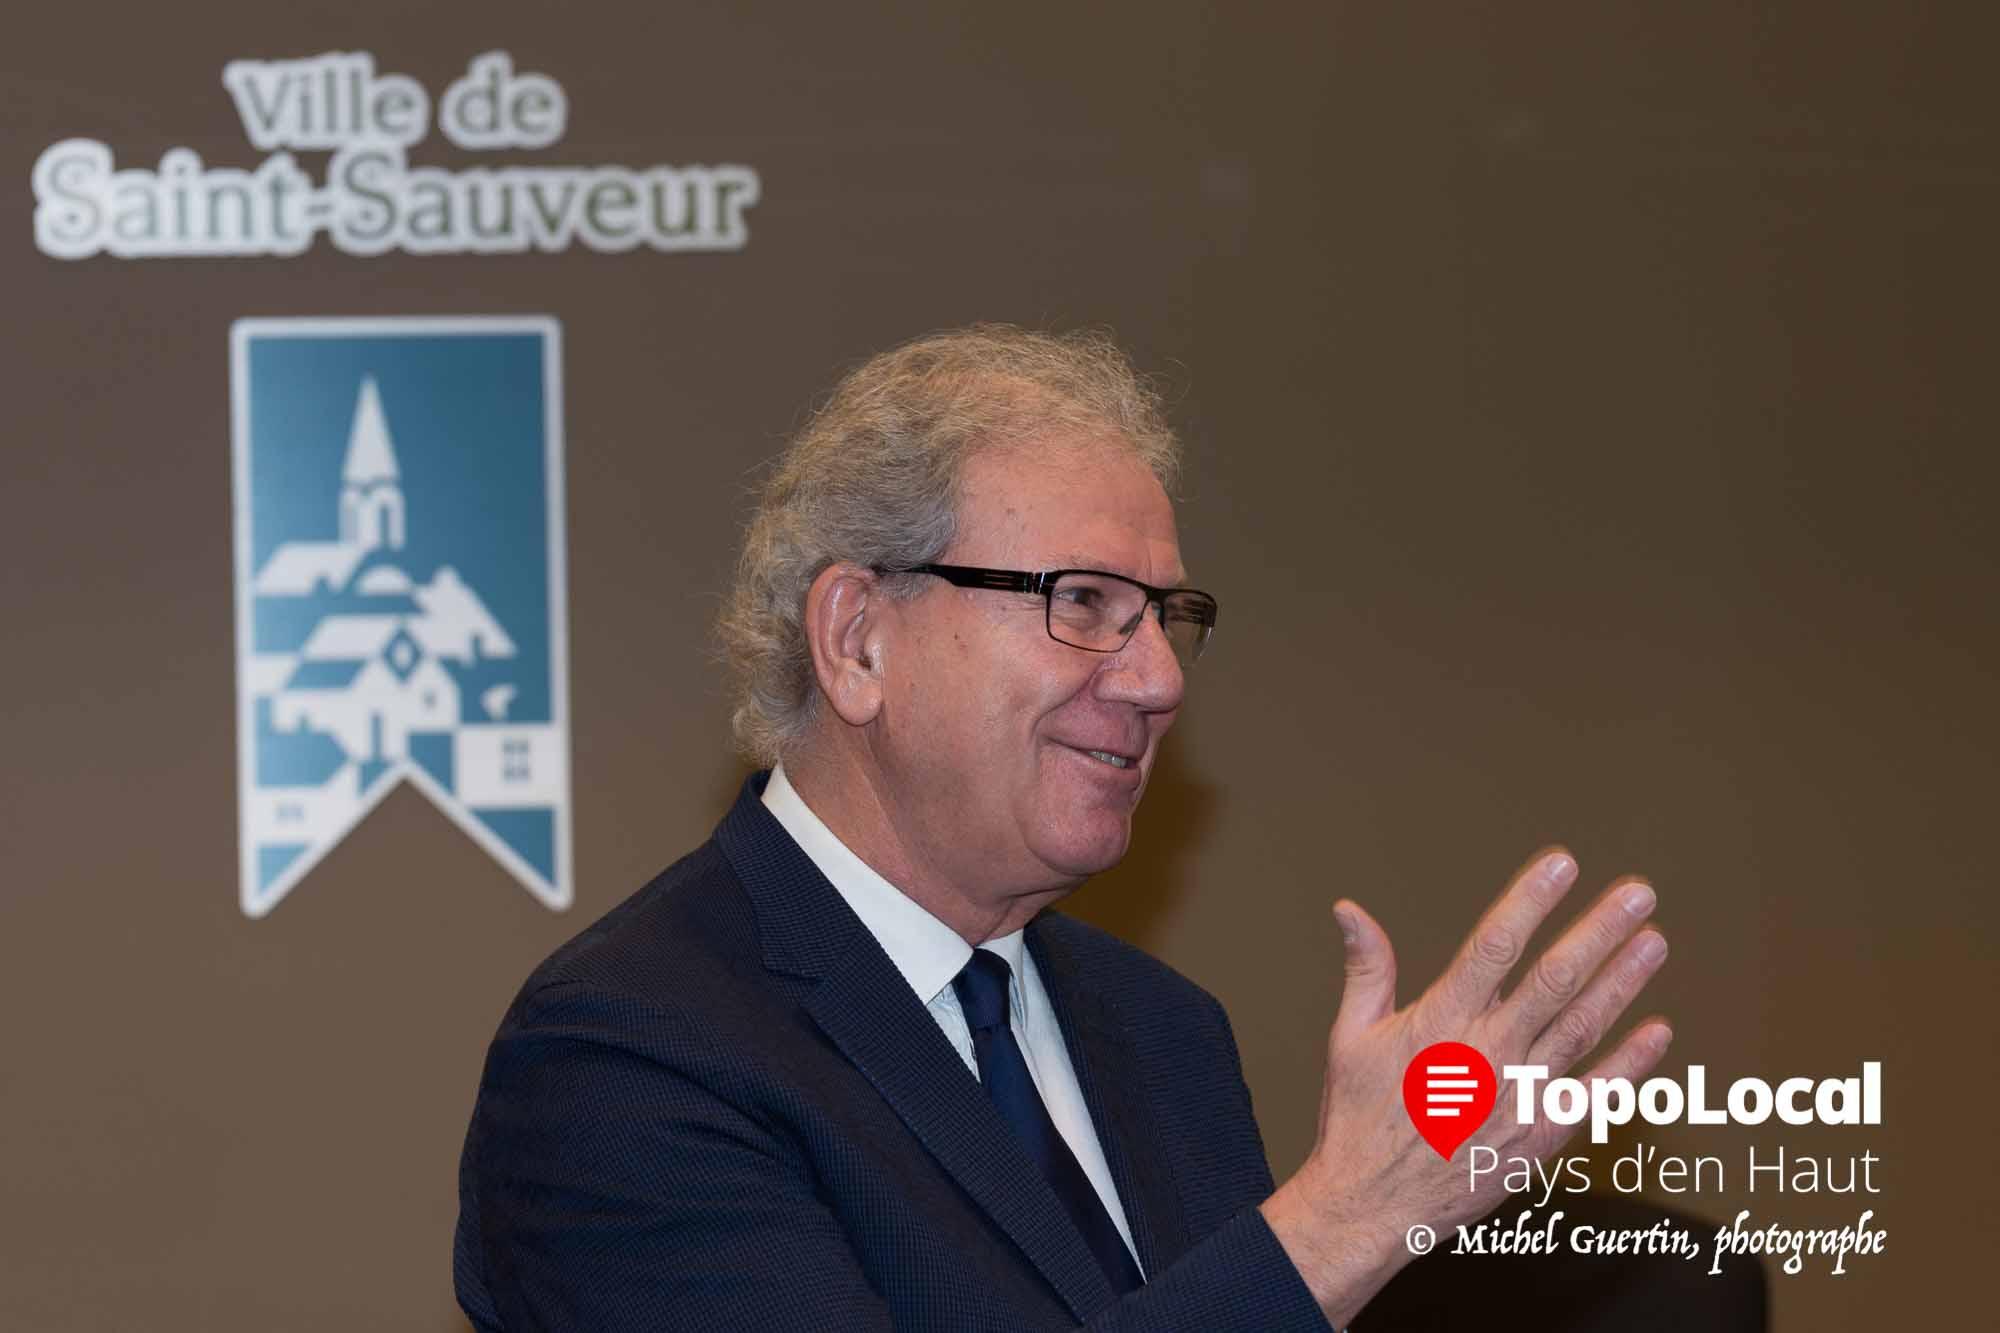 20161118-saint-sauveur-maire-jacques-gariepy-prefet-mrc-pays-en-haut